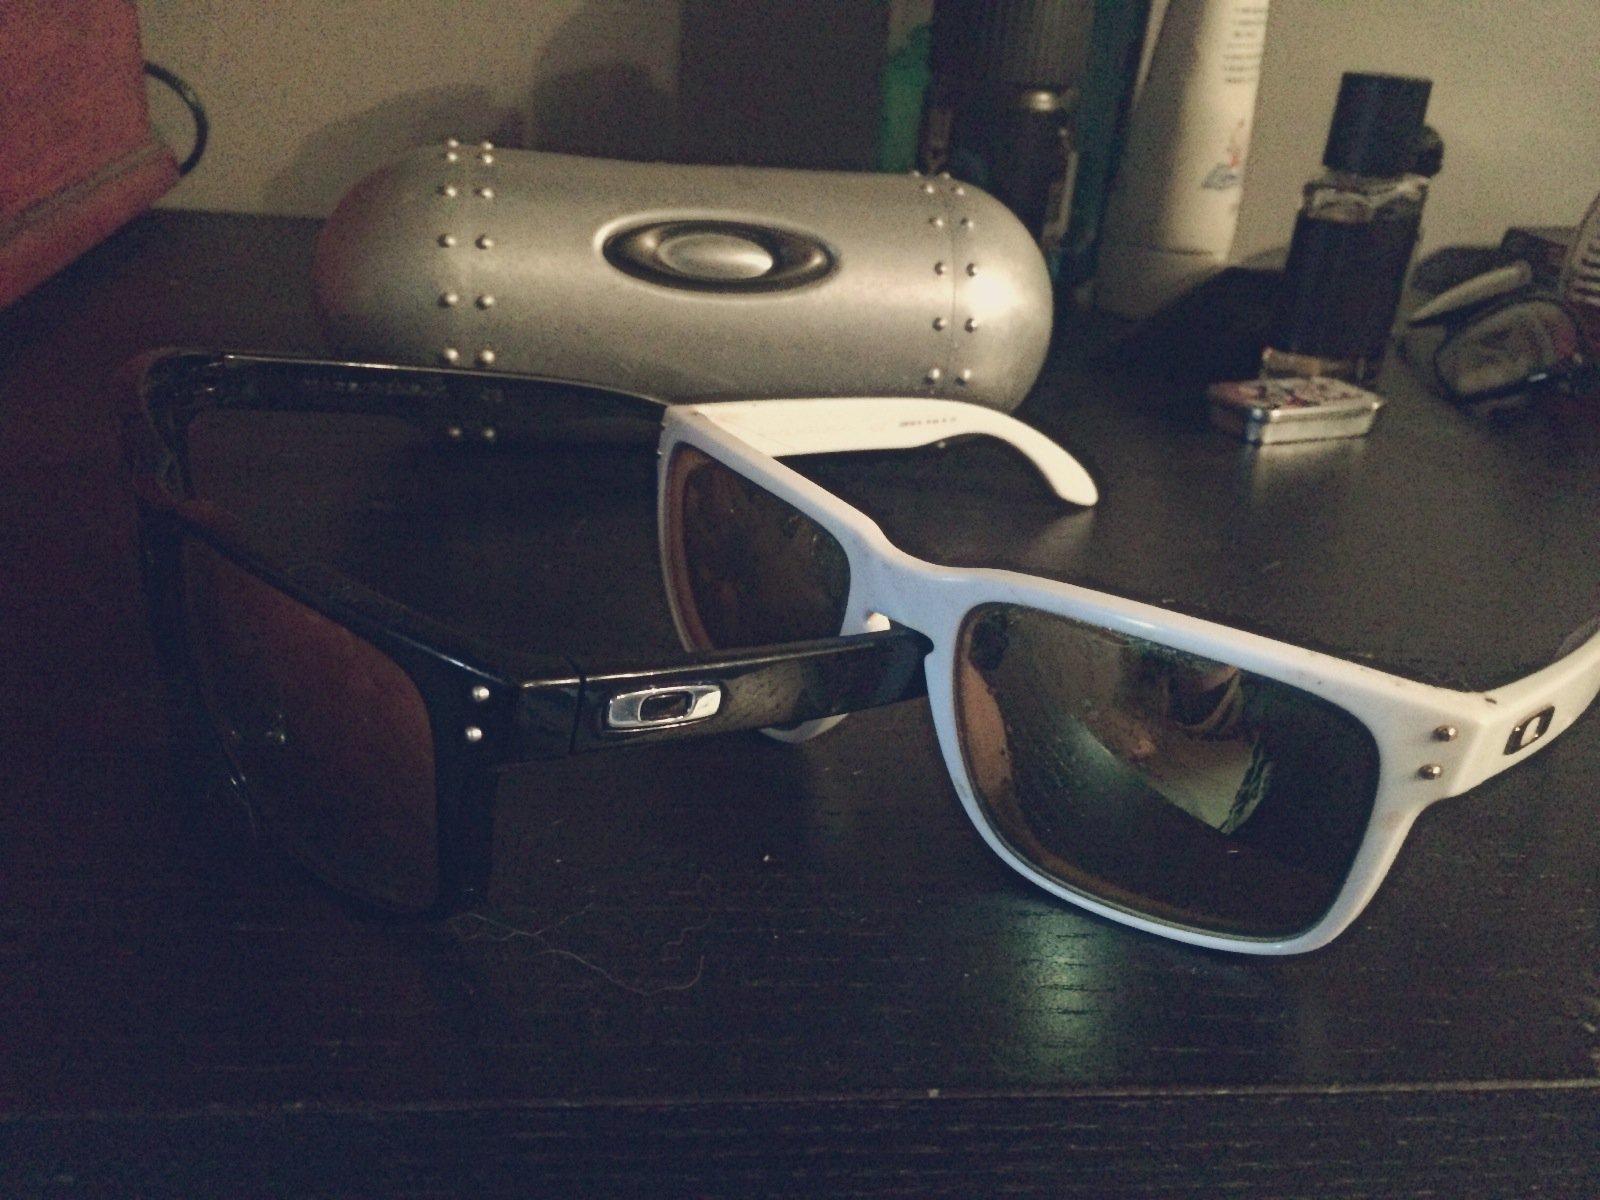 For Sale - Oakley Sunglasses.